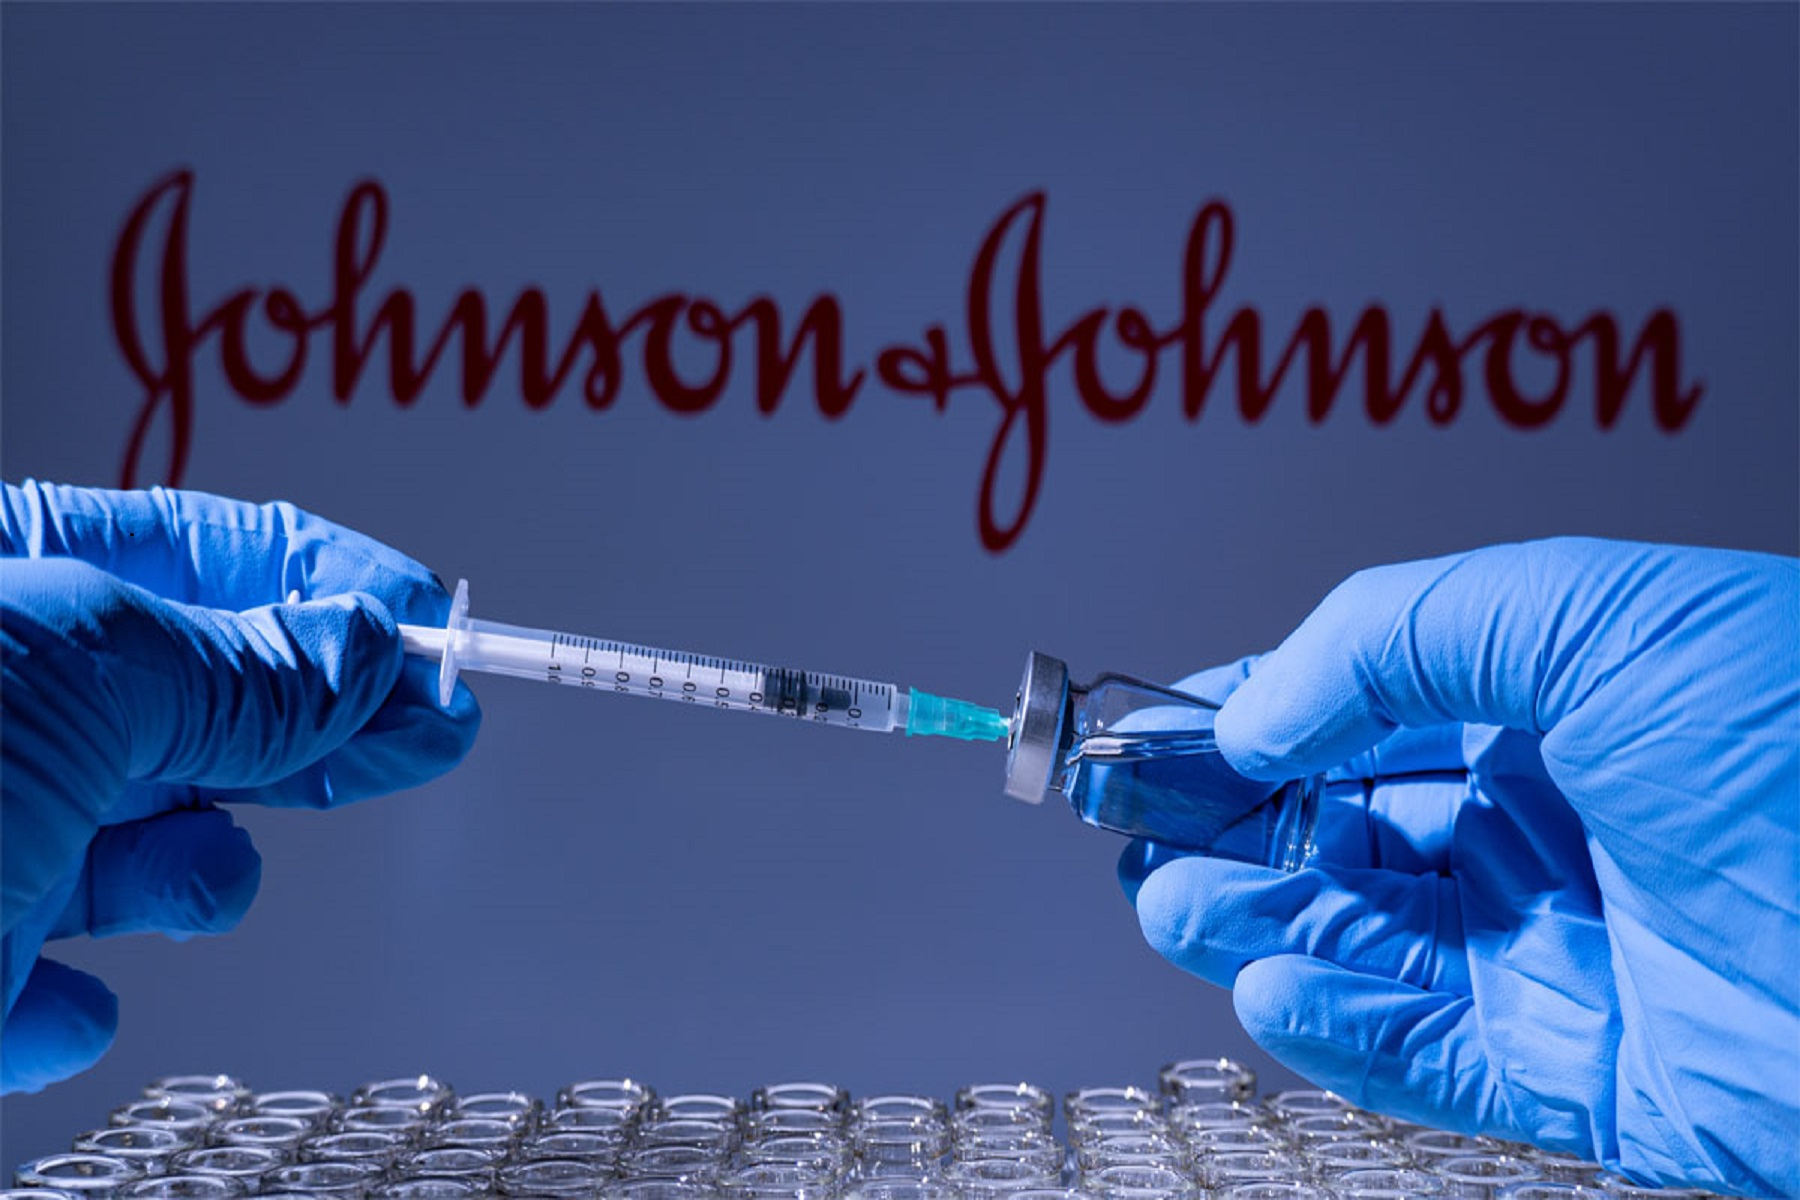 Πανδημία Κορωνοϊός: Το εμβόλιο J & J λιγότερο αποτελεσματικό έναντι της παραλλαγής Delta σύμφωνα με μελέτη